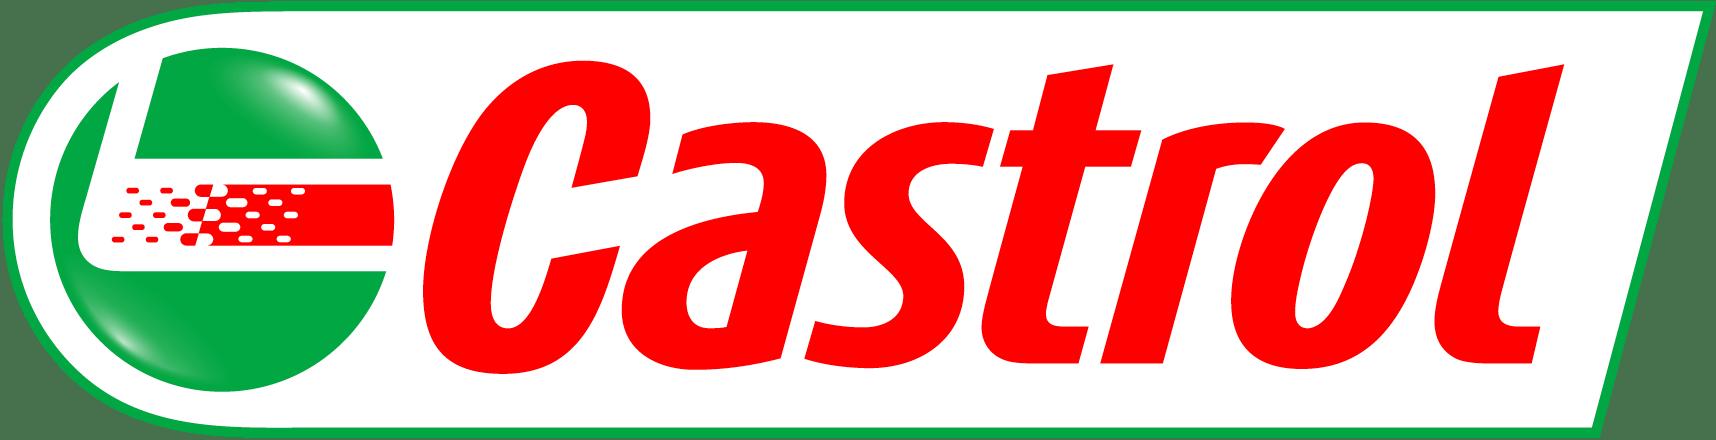 CAS 3D RGB - Promocja Święta z Castrolem